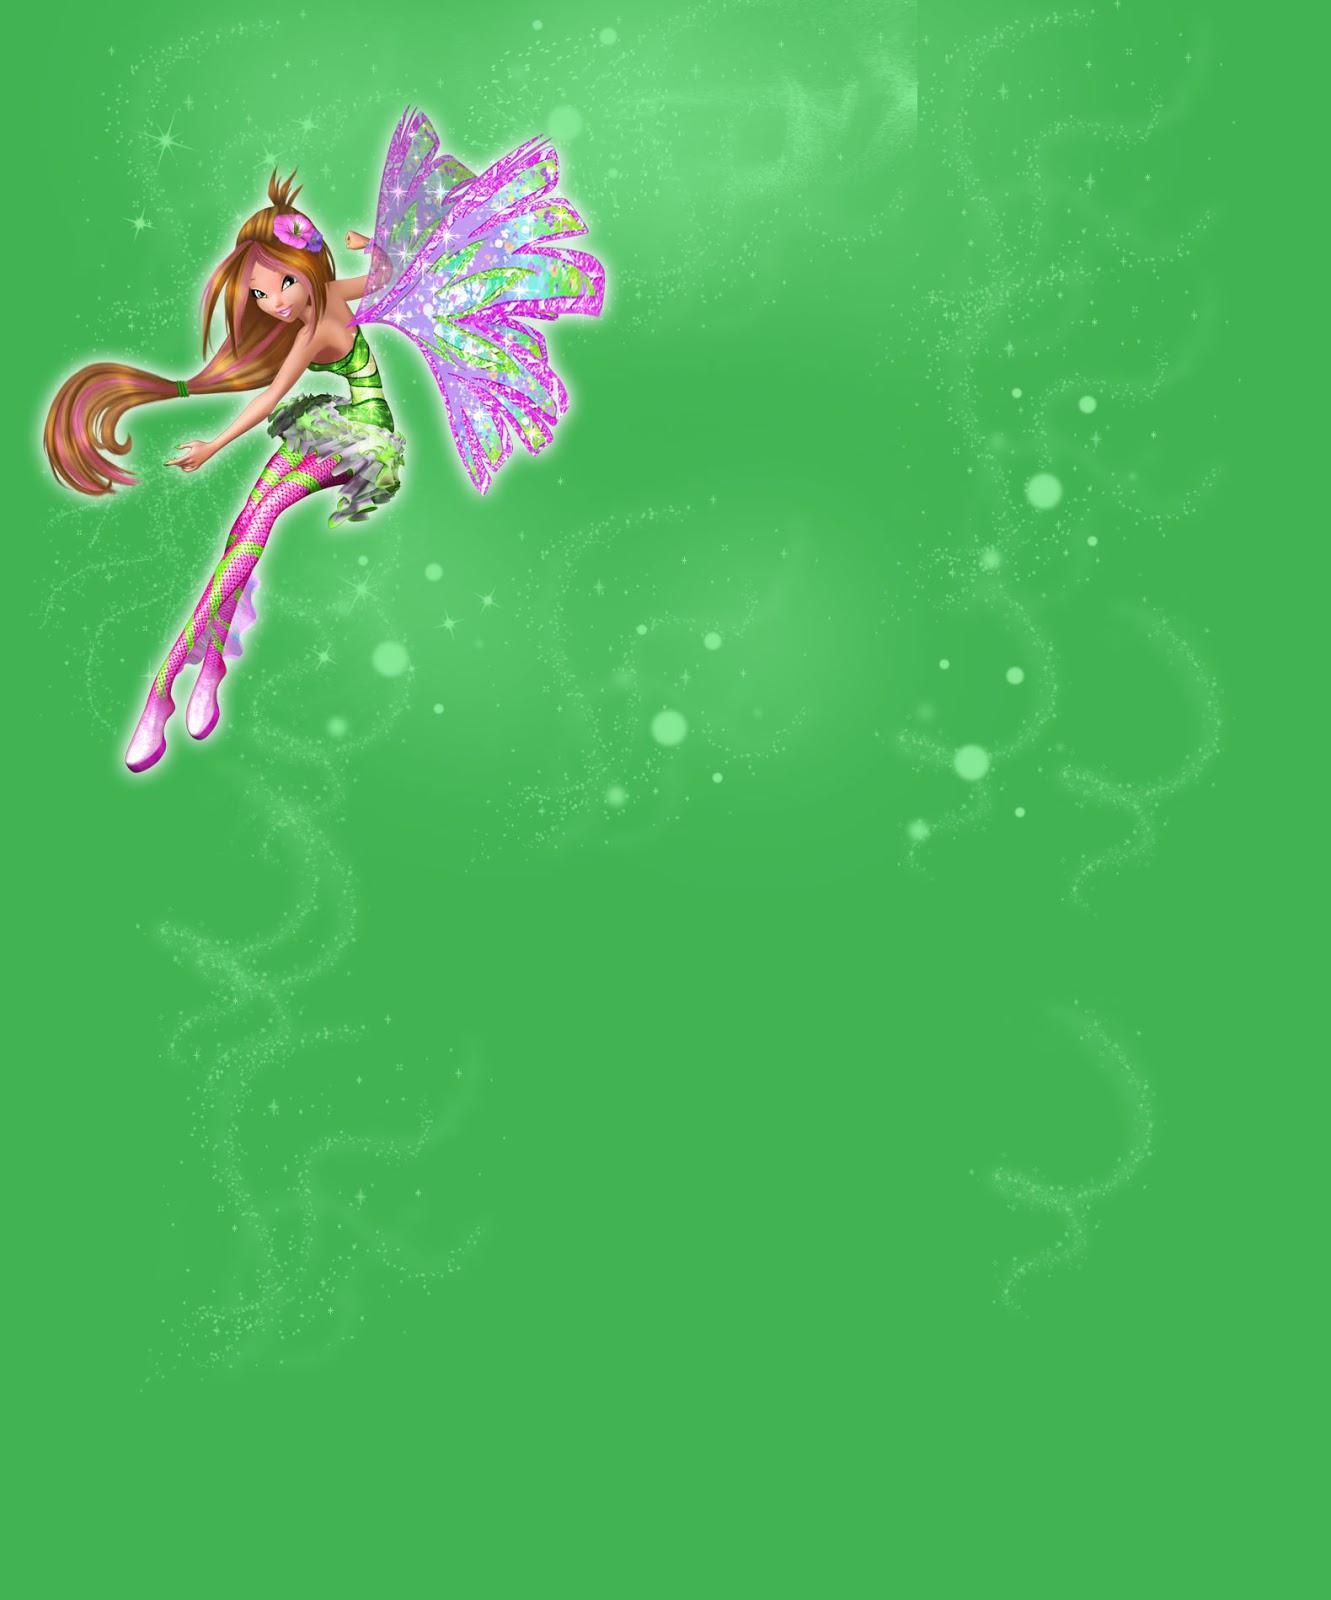 Fondos De Pantalla Winx Club Sirenix 3D